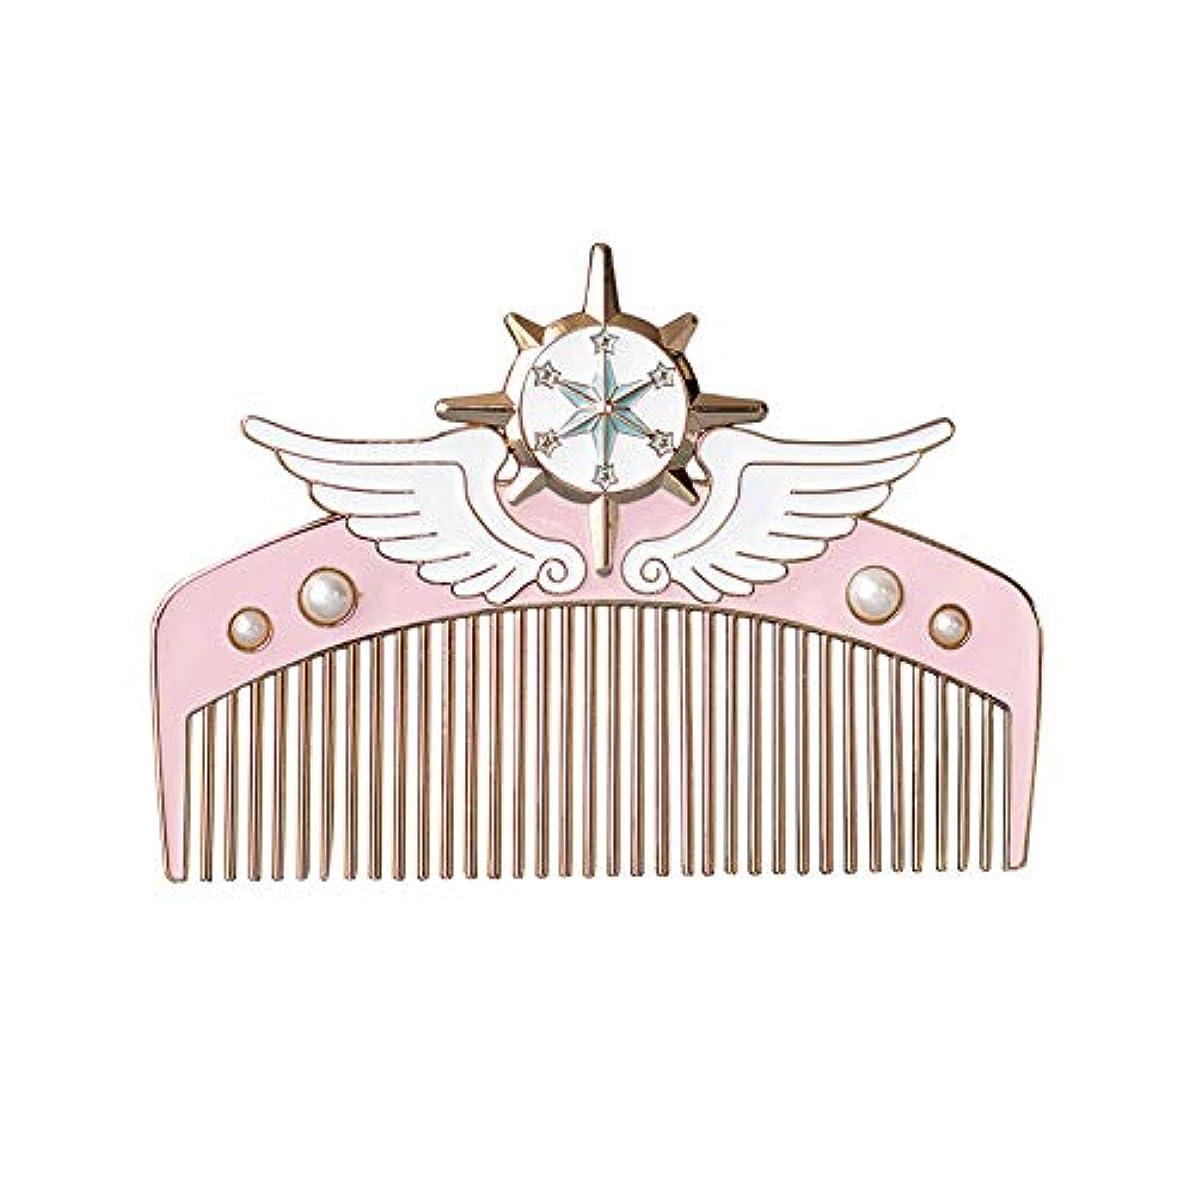 原点永遠の肉腫ライフ小屋 櫛 ヘアブラシ カードキャプターさくら セーラームーン 可愛い ピンク 細歯 夢の杖櫛 半月形 ヘアブラシ 子供の髪 贈り物 プレゼント